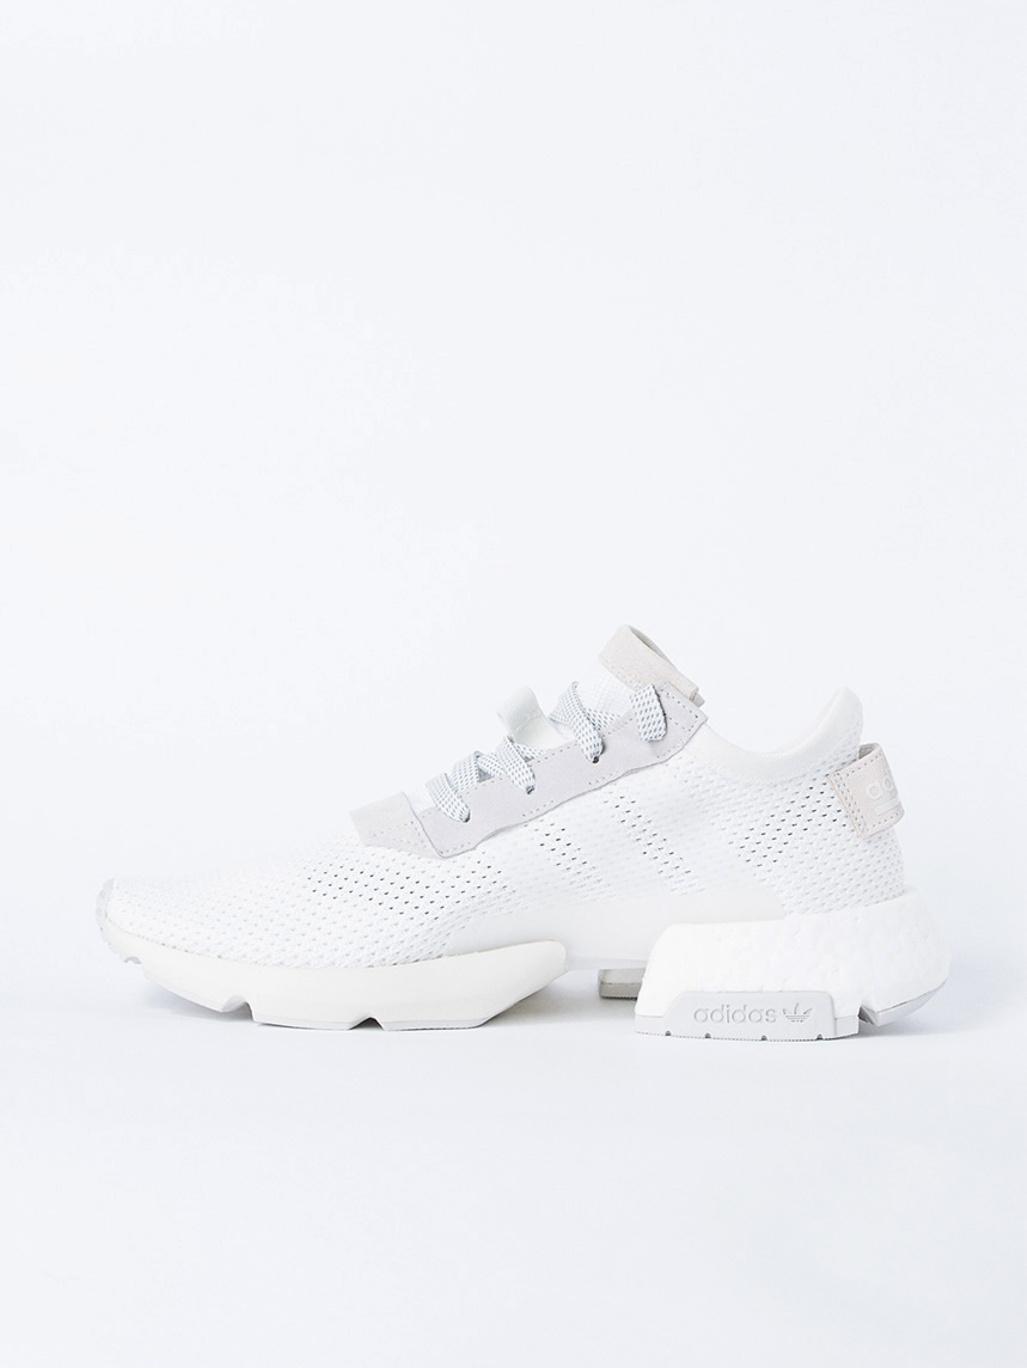 quality design c860b 7972e POD-S3.1 Ftwr WhiteFtwr White - Adidas Originals - APLACE Fashion Store   Magazine